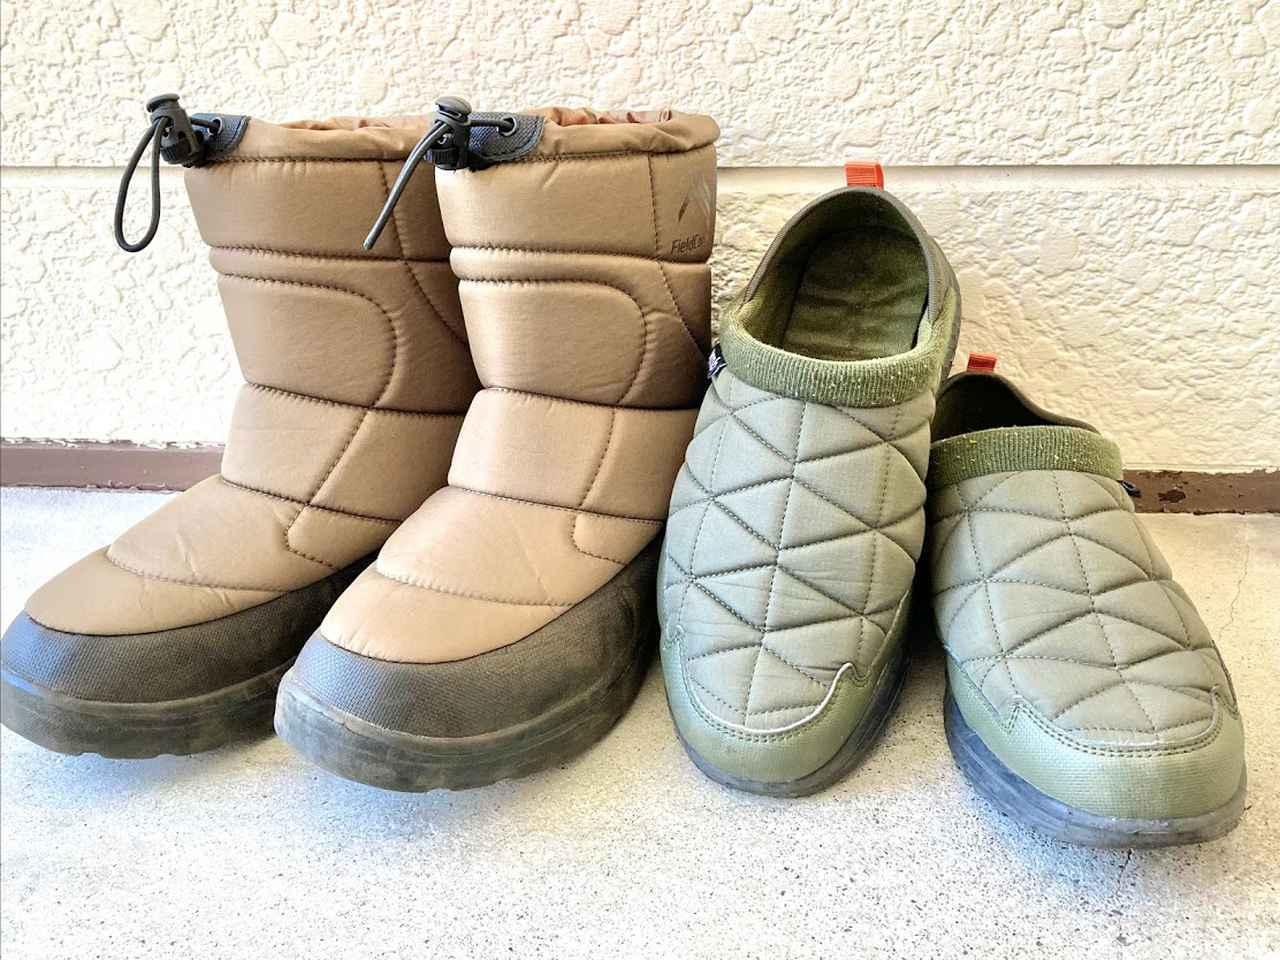 画像: 【レビュー】ワークマンの防寒シューズ「トレッドモック」&「ブーツケベック」は低価格で高機能!冬キャンプにおすすめ - ハピキャン(HAPPY CAMPER)